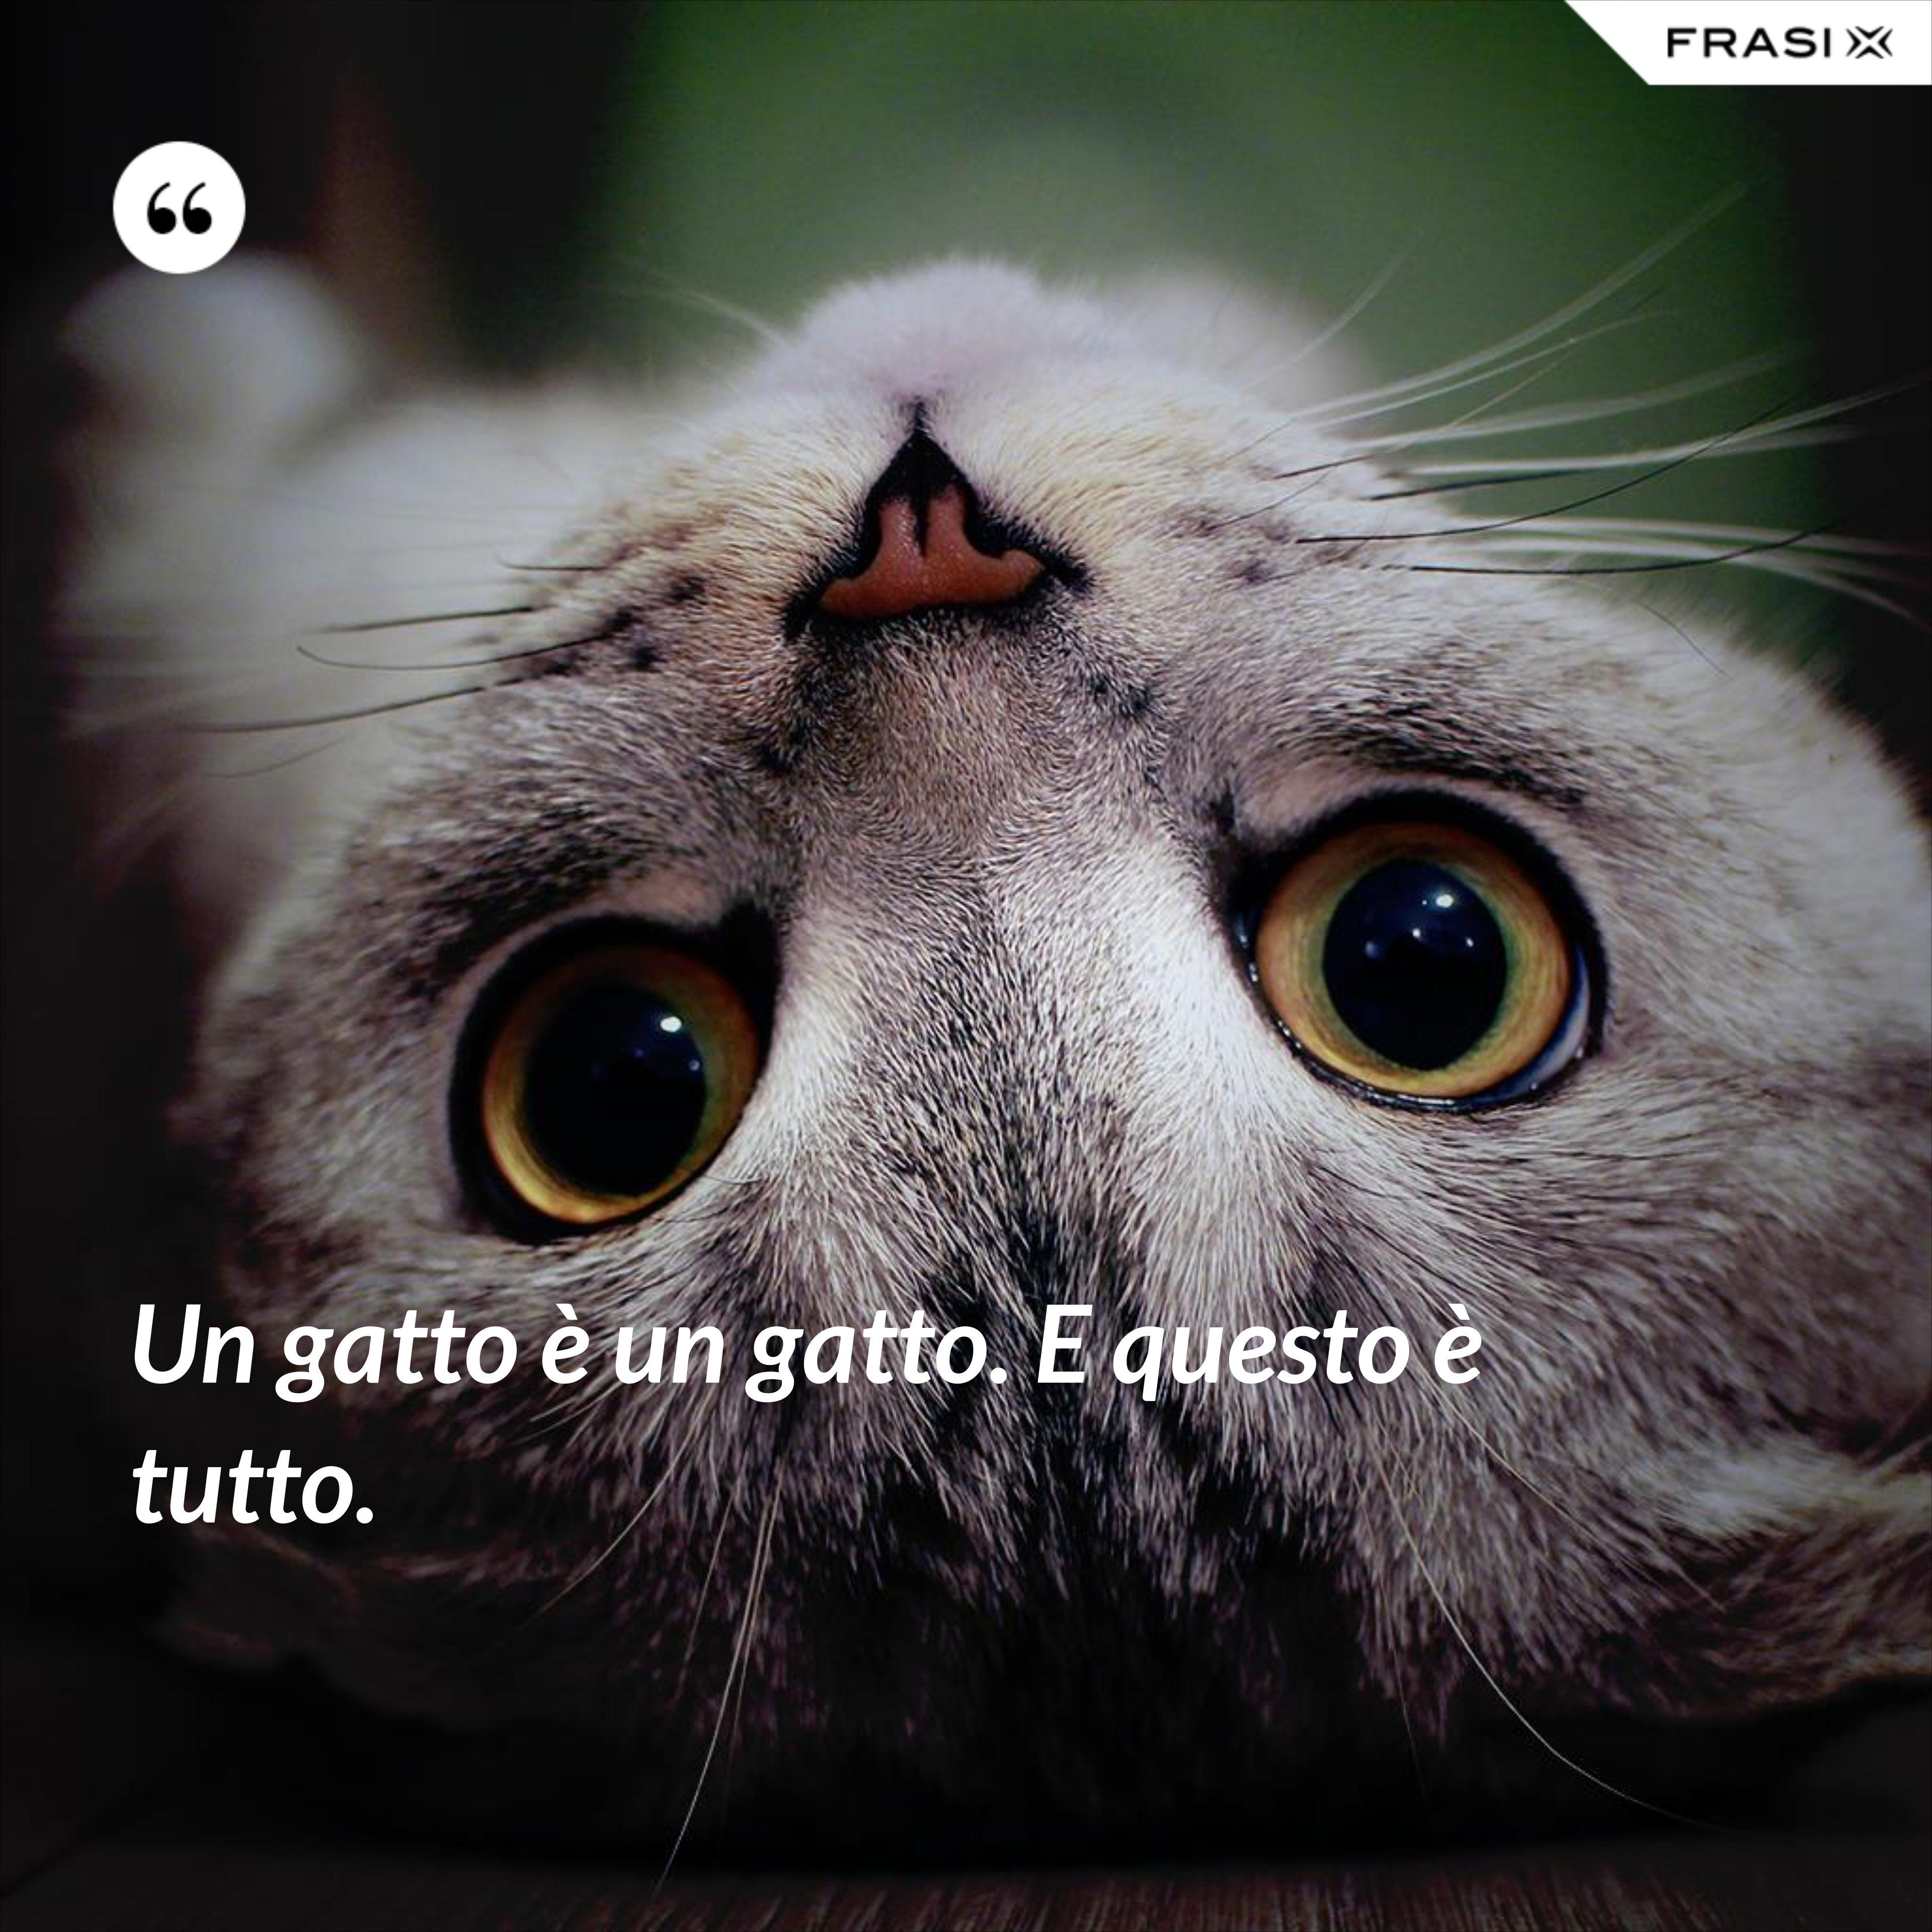 Un gatto è un gatto. E questo è tutto. - Anonimo